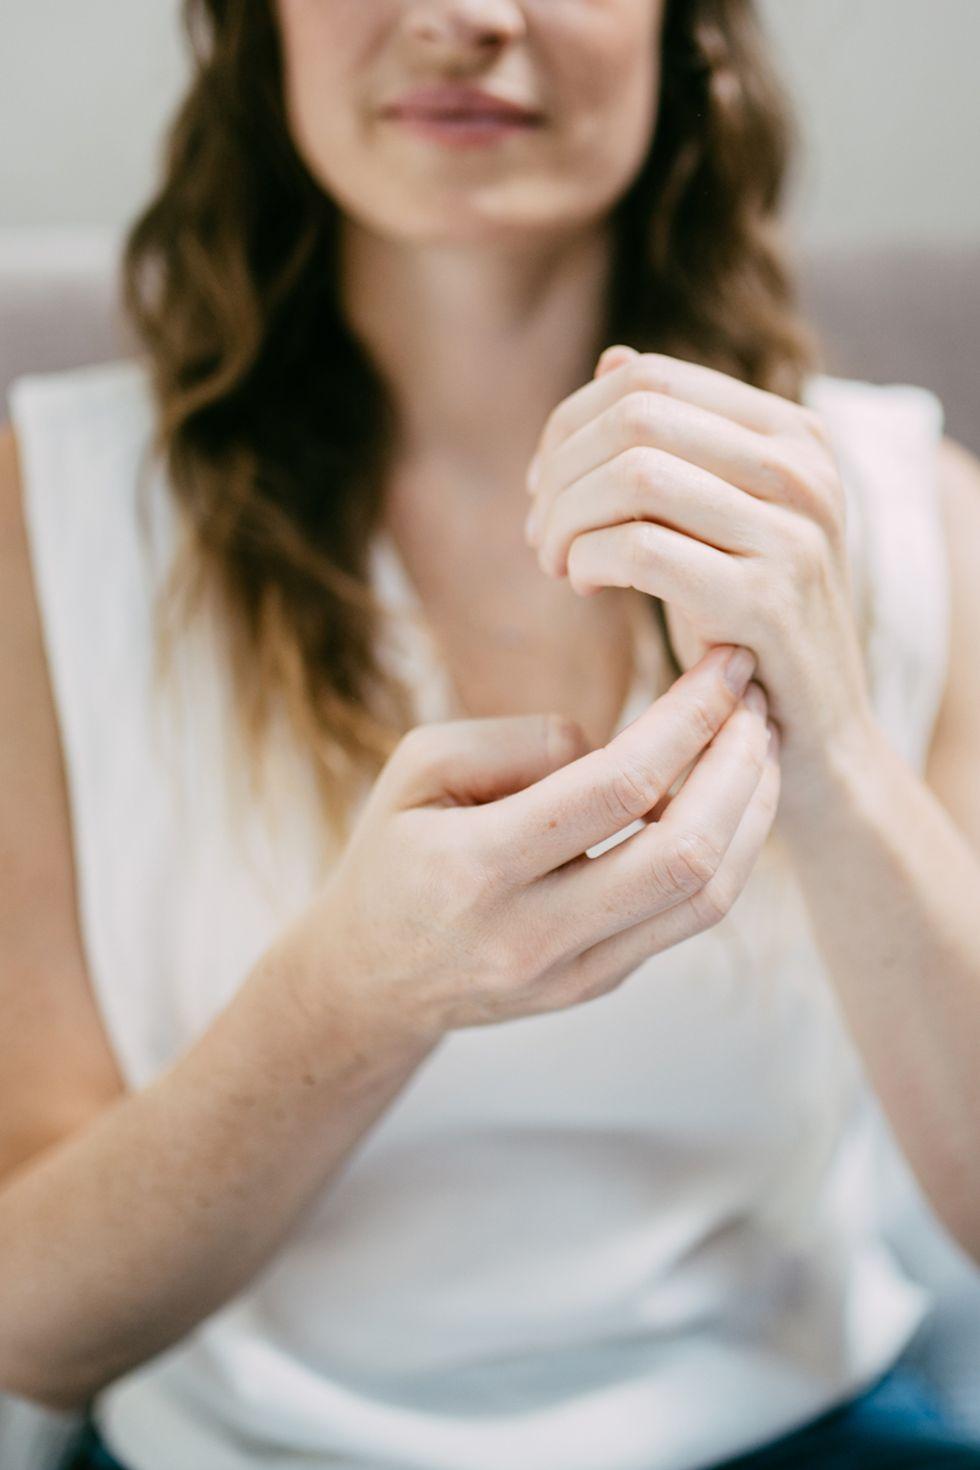 cảm xúc cô gái gõ cạnh bàn tay